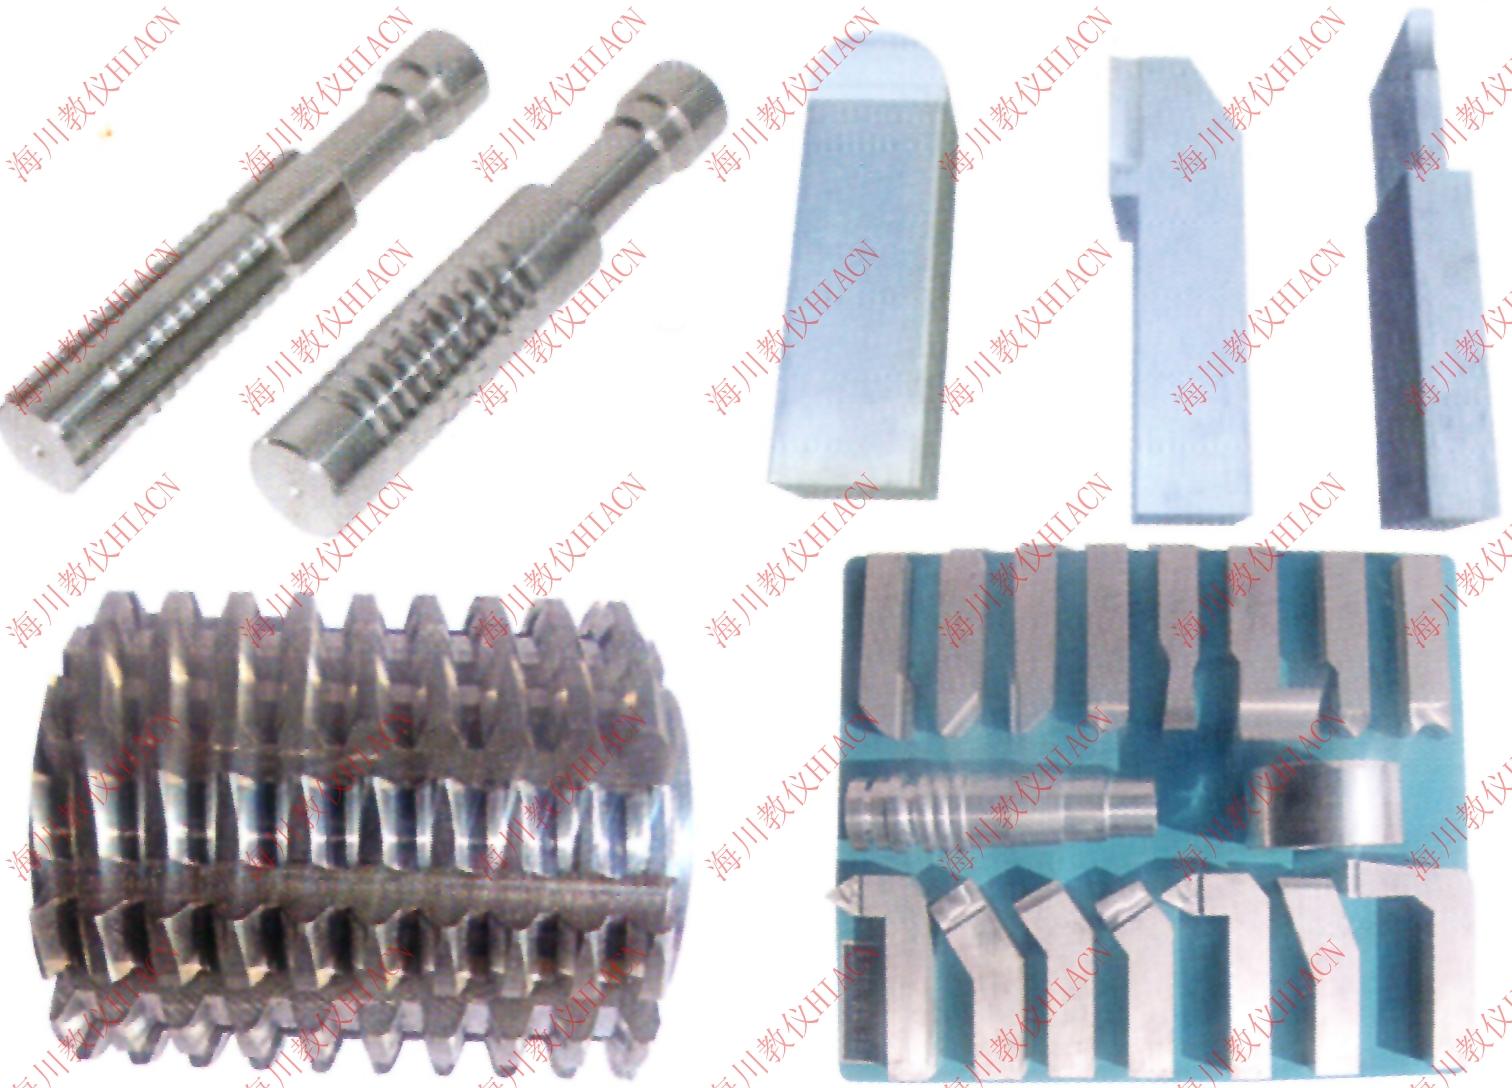 车刀模型铣刀模型产品图片